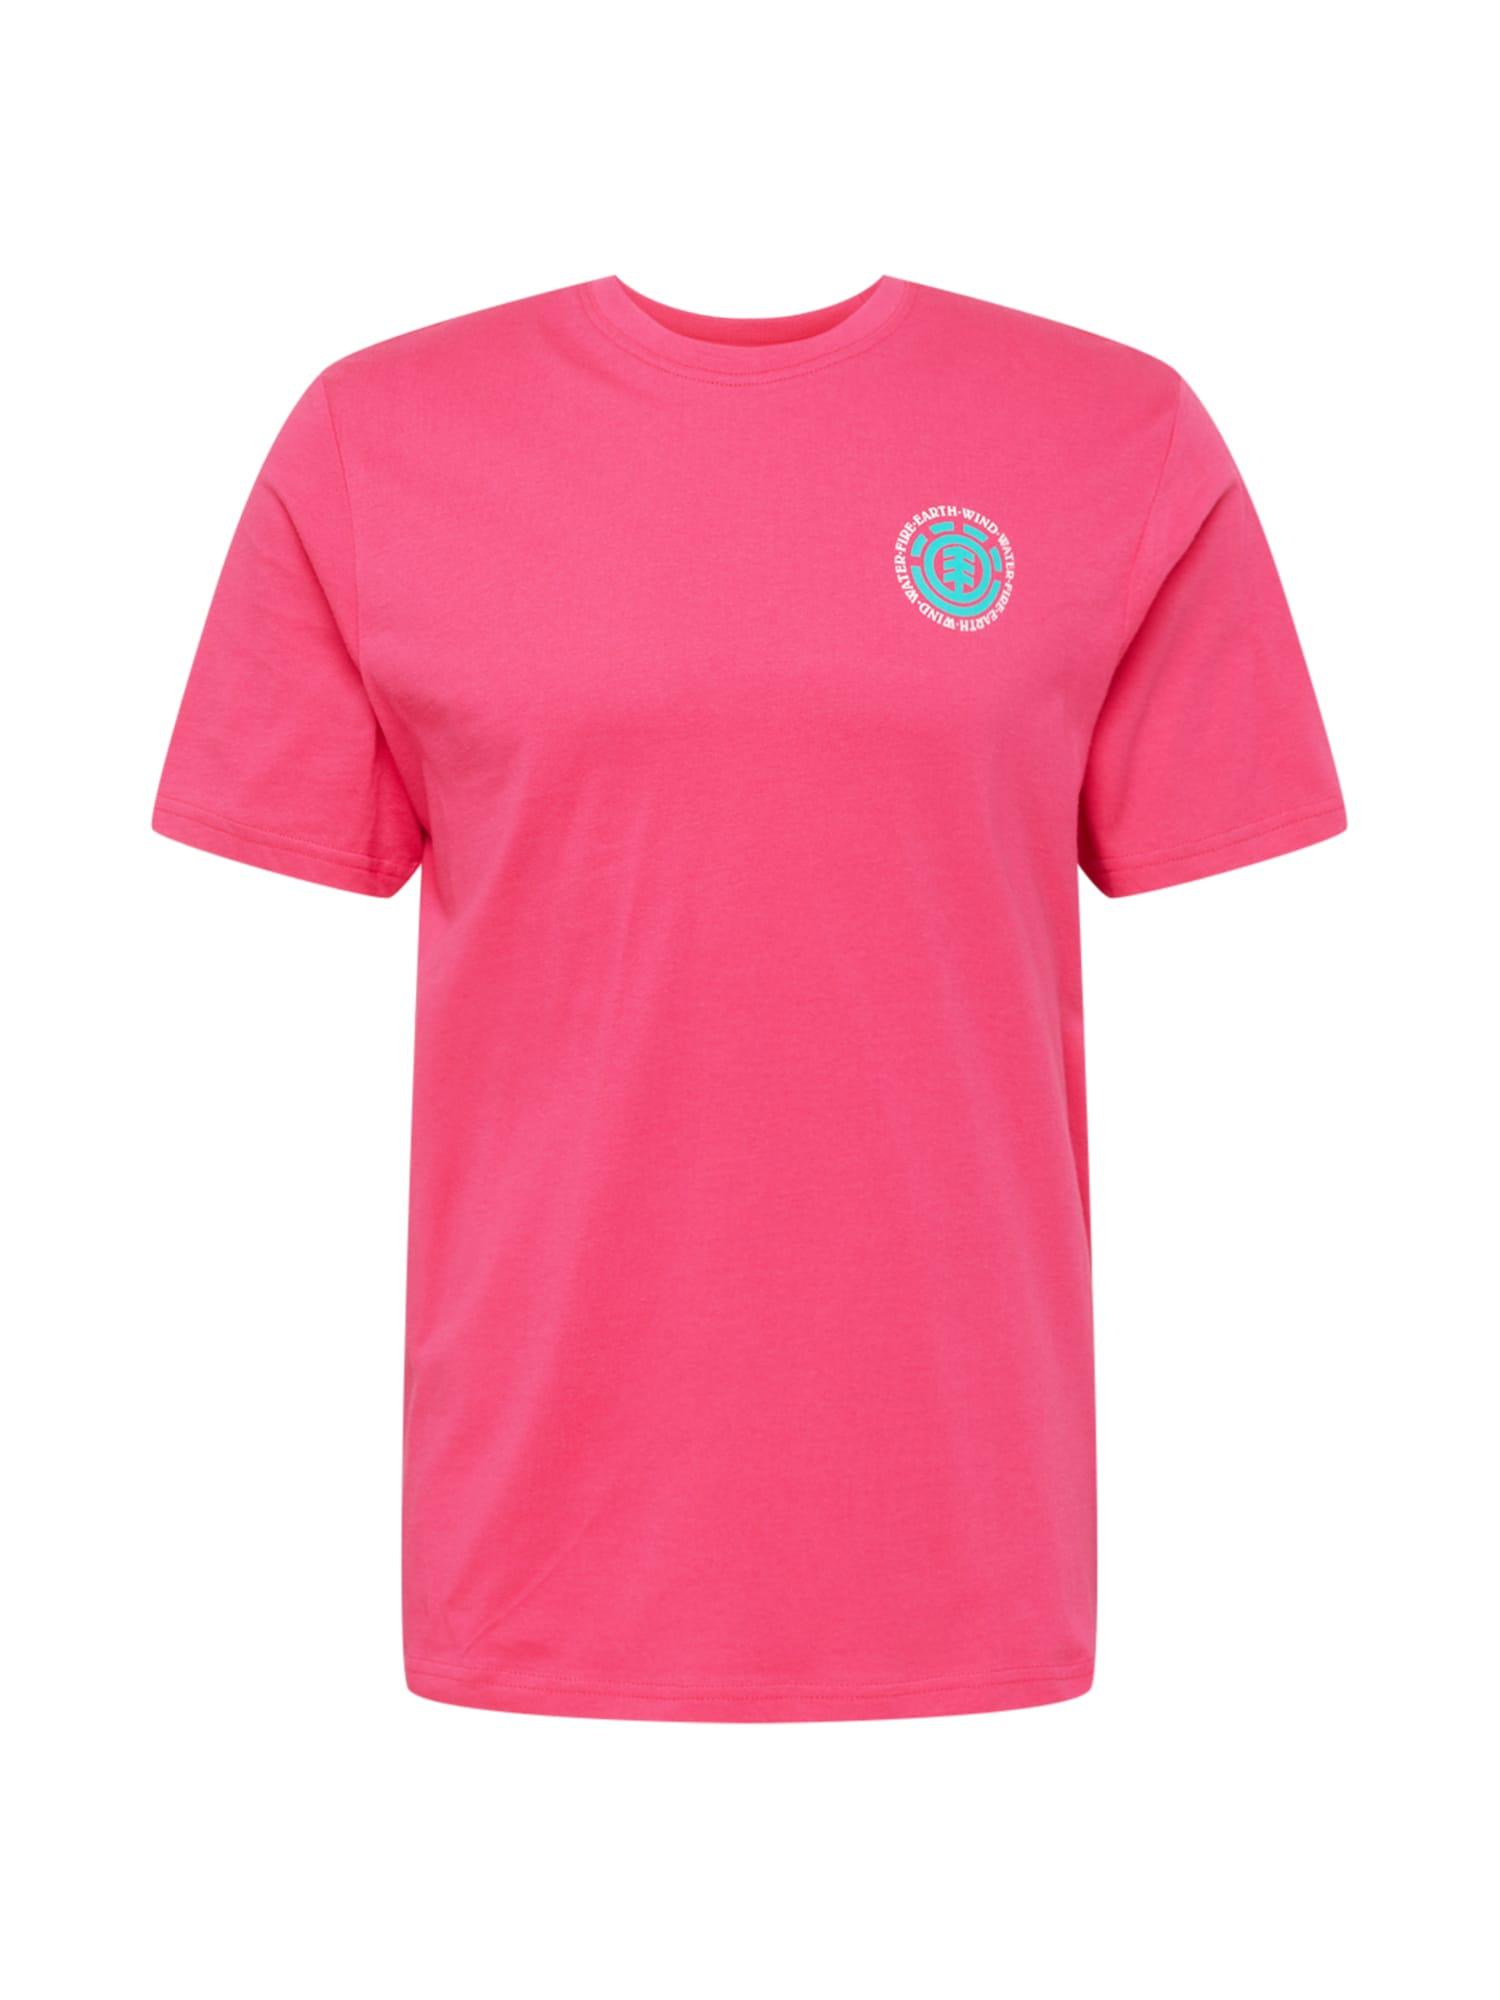 ELEMENT Sportiniai marškinėliai ryškiai raudona / balta / turkio spalva